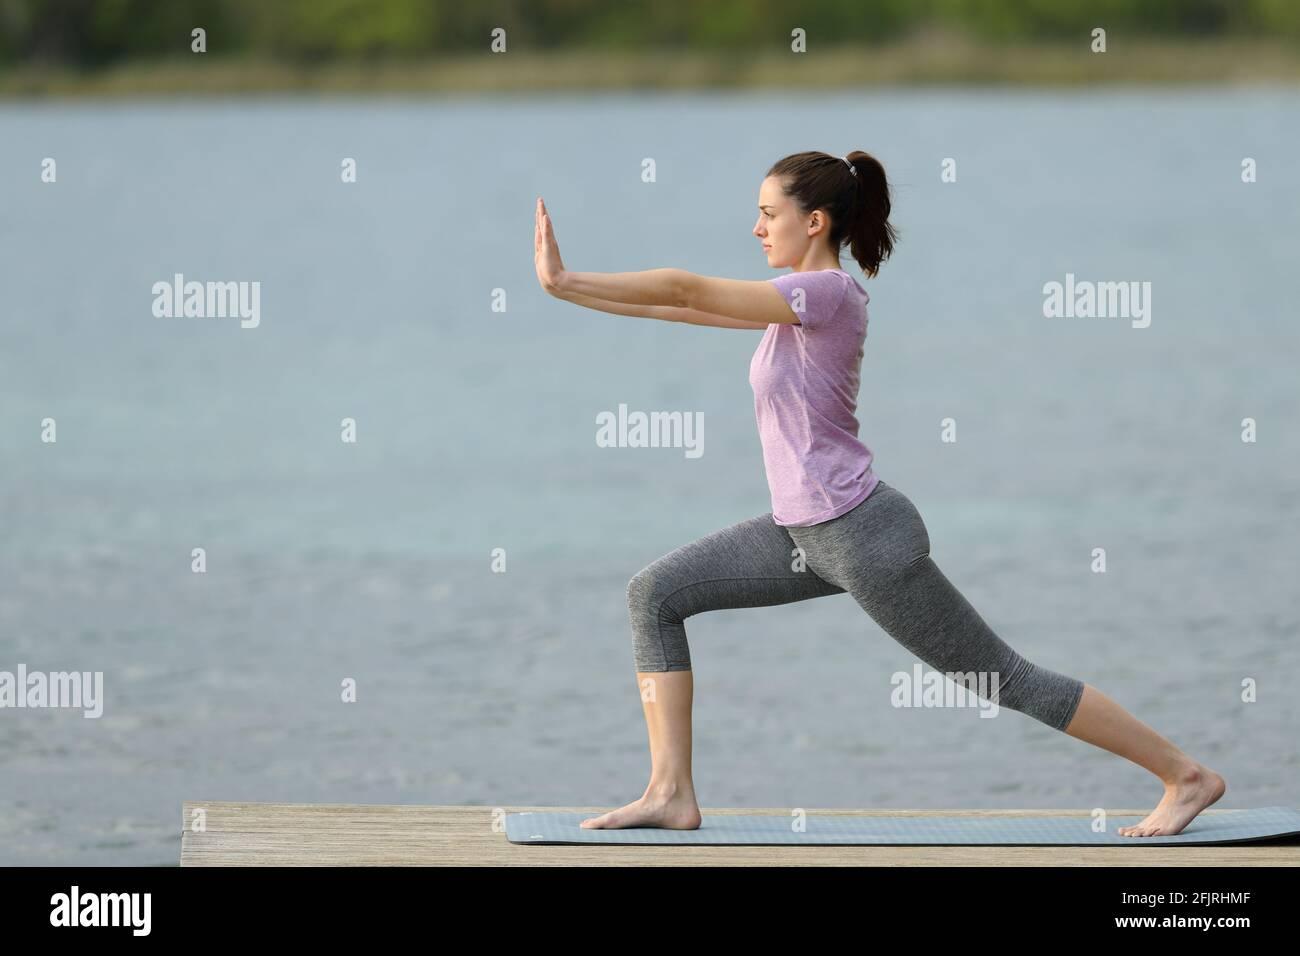 Vue latérale d'une femme effectuant un exercice de tai chi en été, dans une jetée de lac Banque D'Images